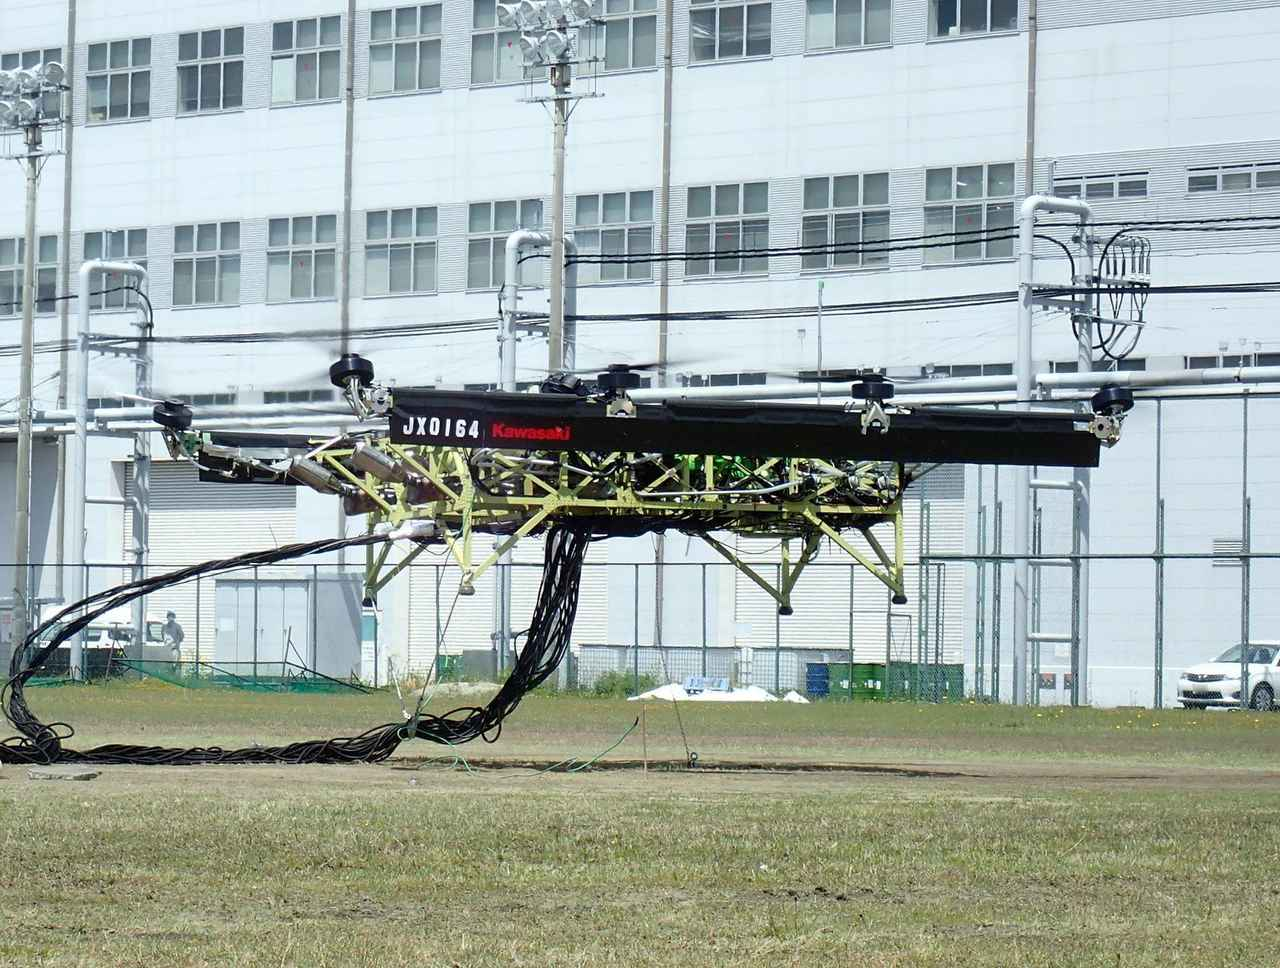 画像: 二輪車エンジンを動力源とするカワサキ製大型ハイブリッドドローンの試験機